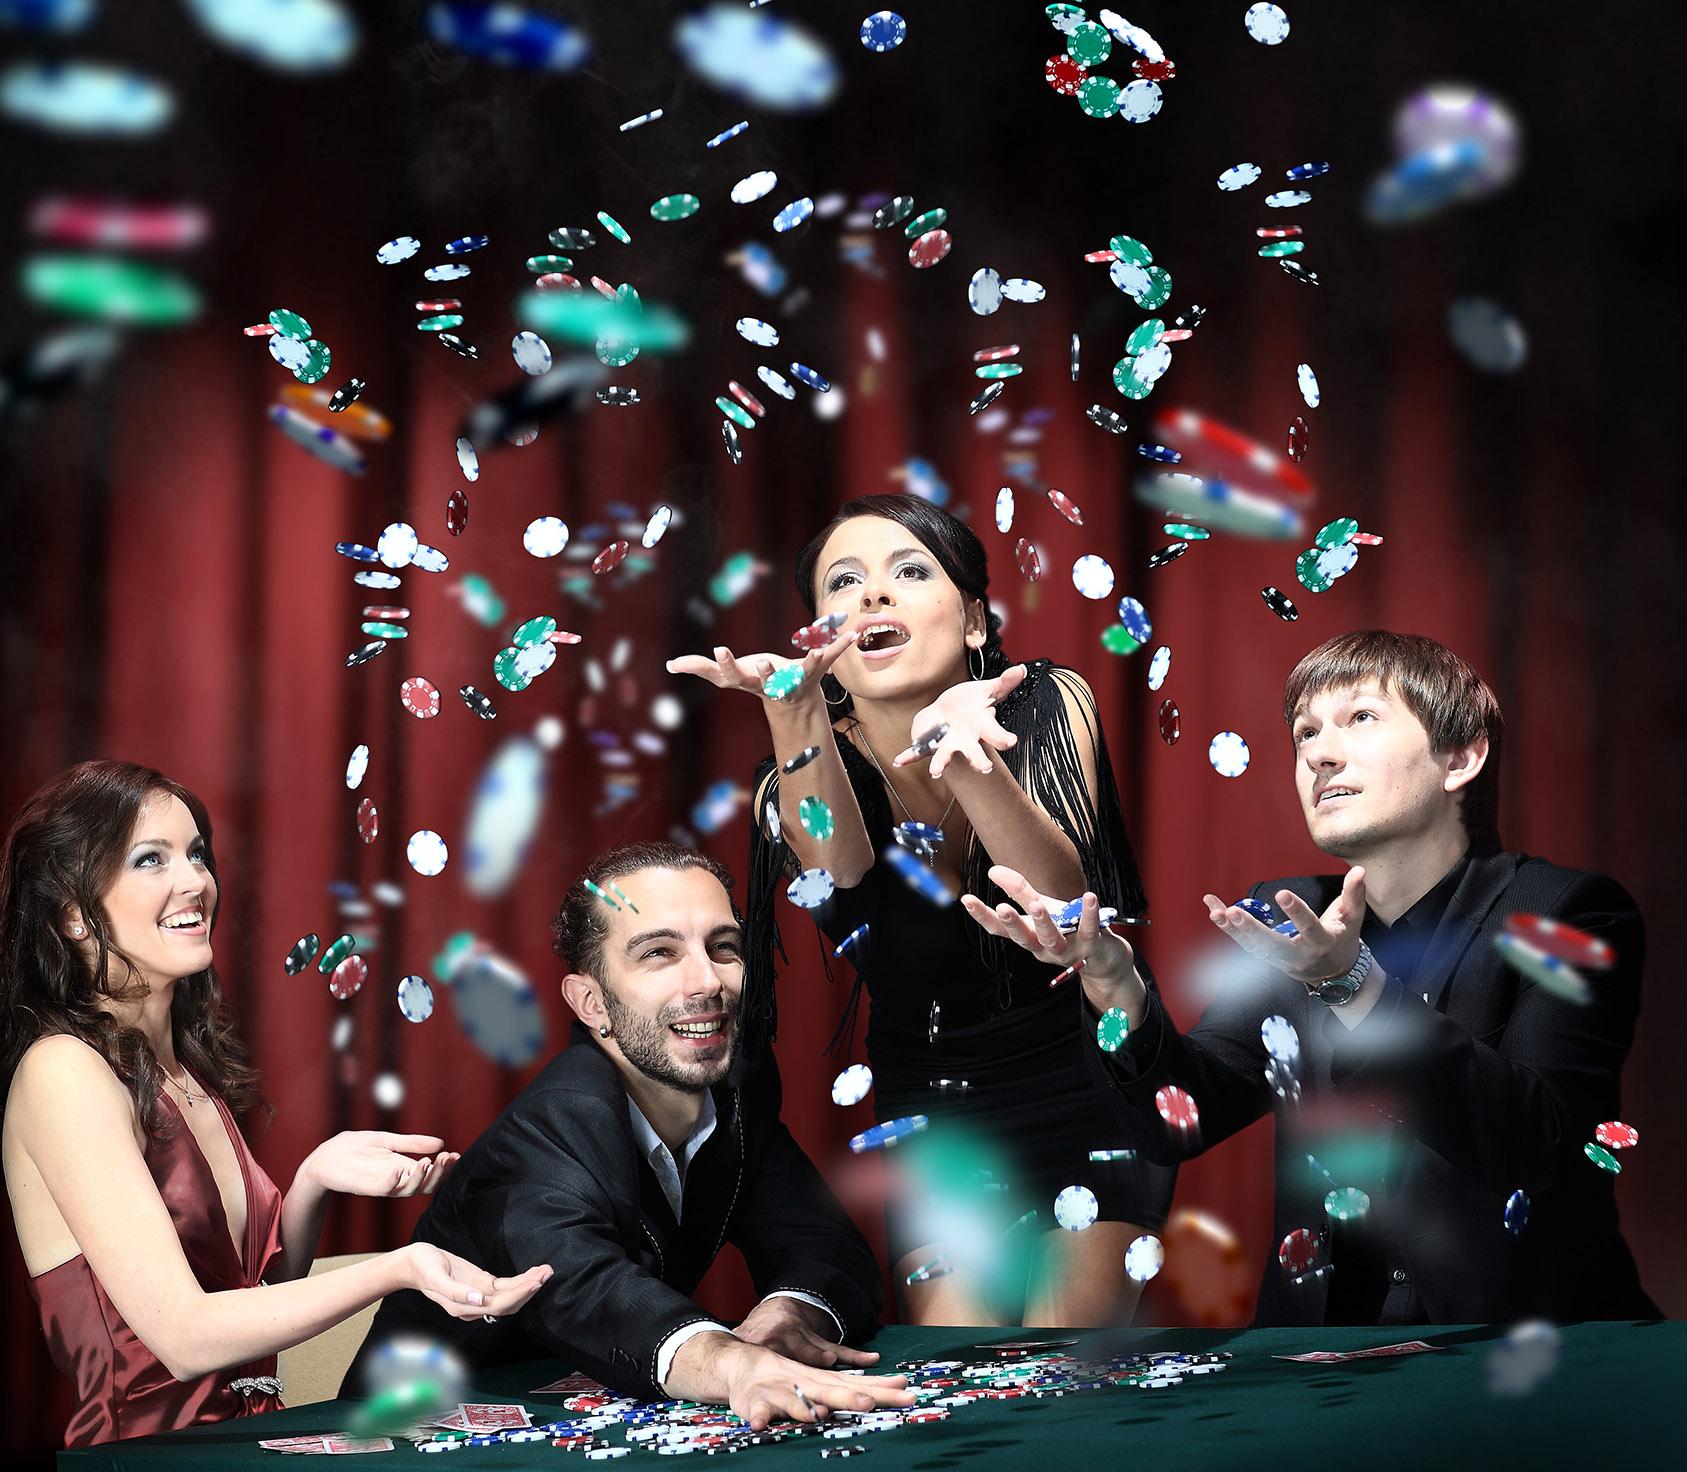 Casinoabend selber machen - wie organisiere ich eine Firmenfeier? Coole Ideen für Mottopartys